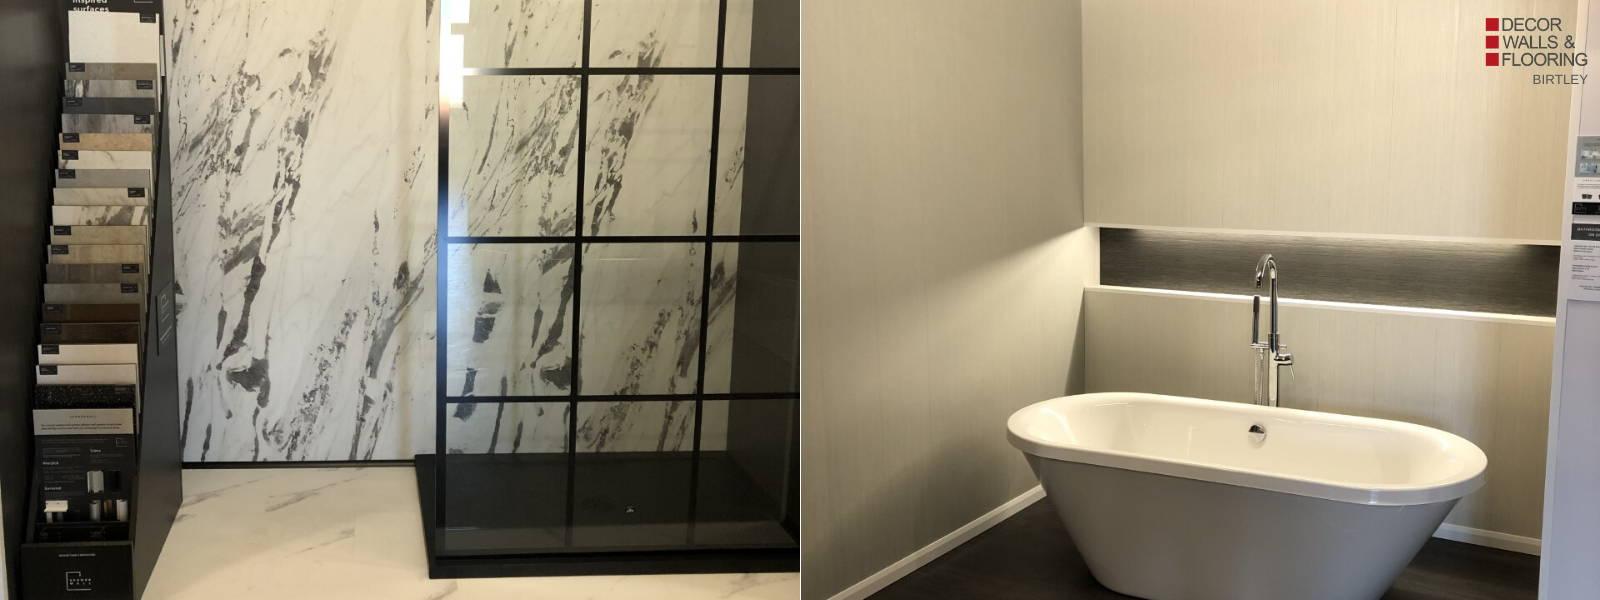 Birtley Bathroom Wall Panels Showroom Decor Walls Flooring